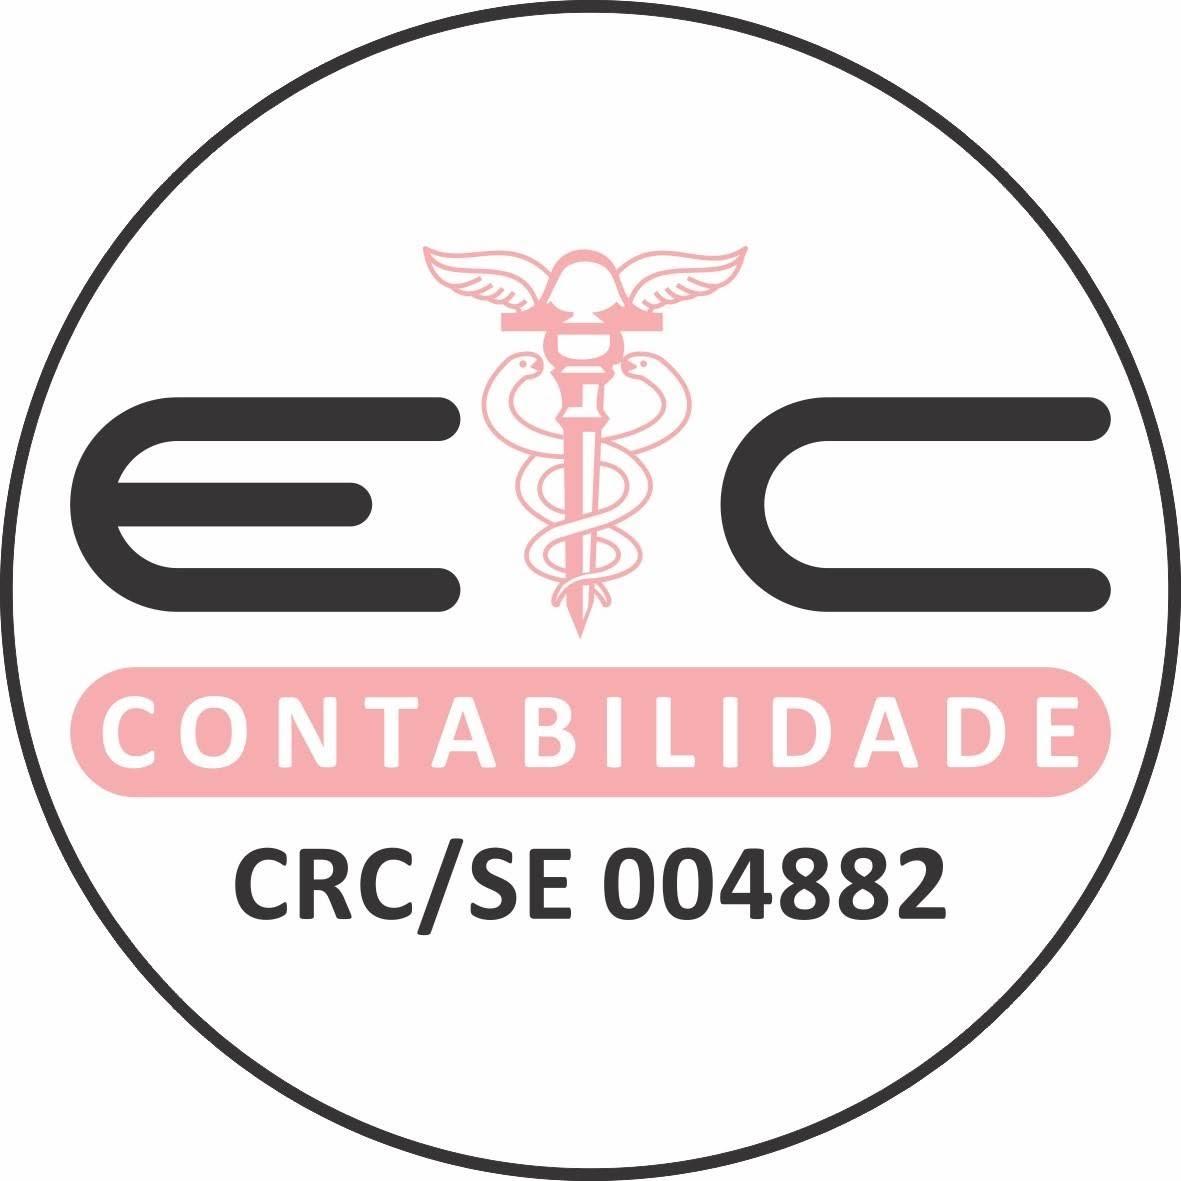 EC Contabilidade.JPG